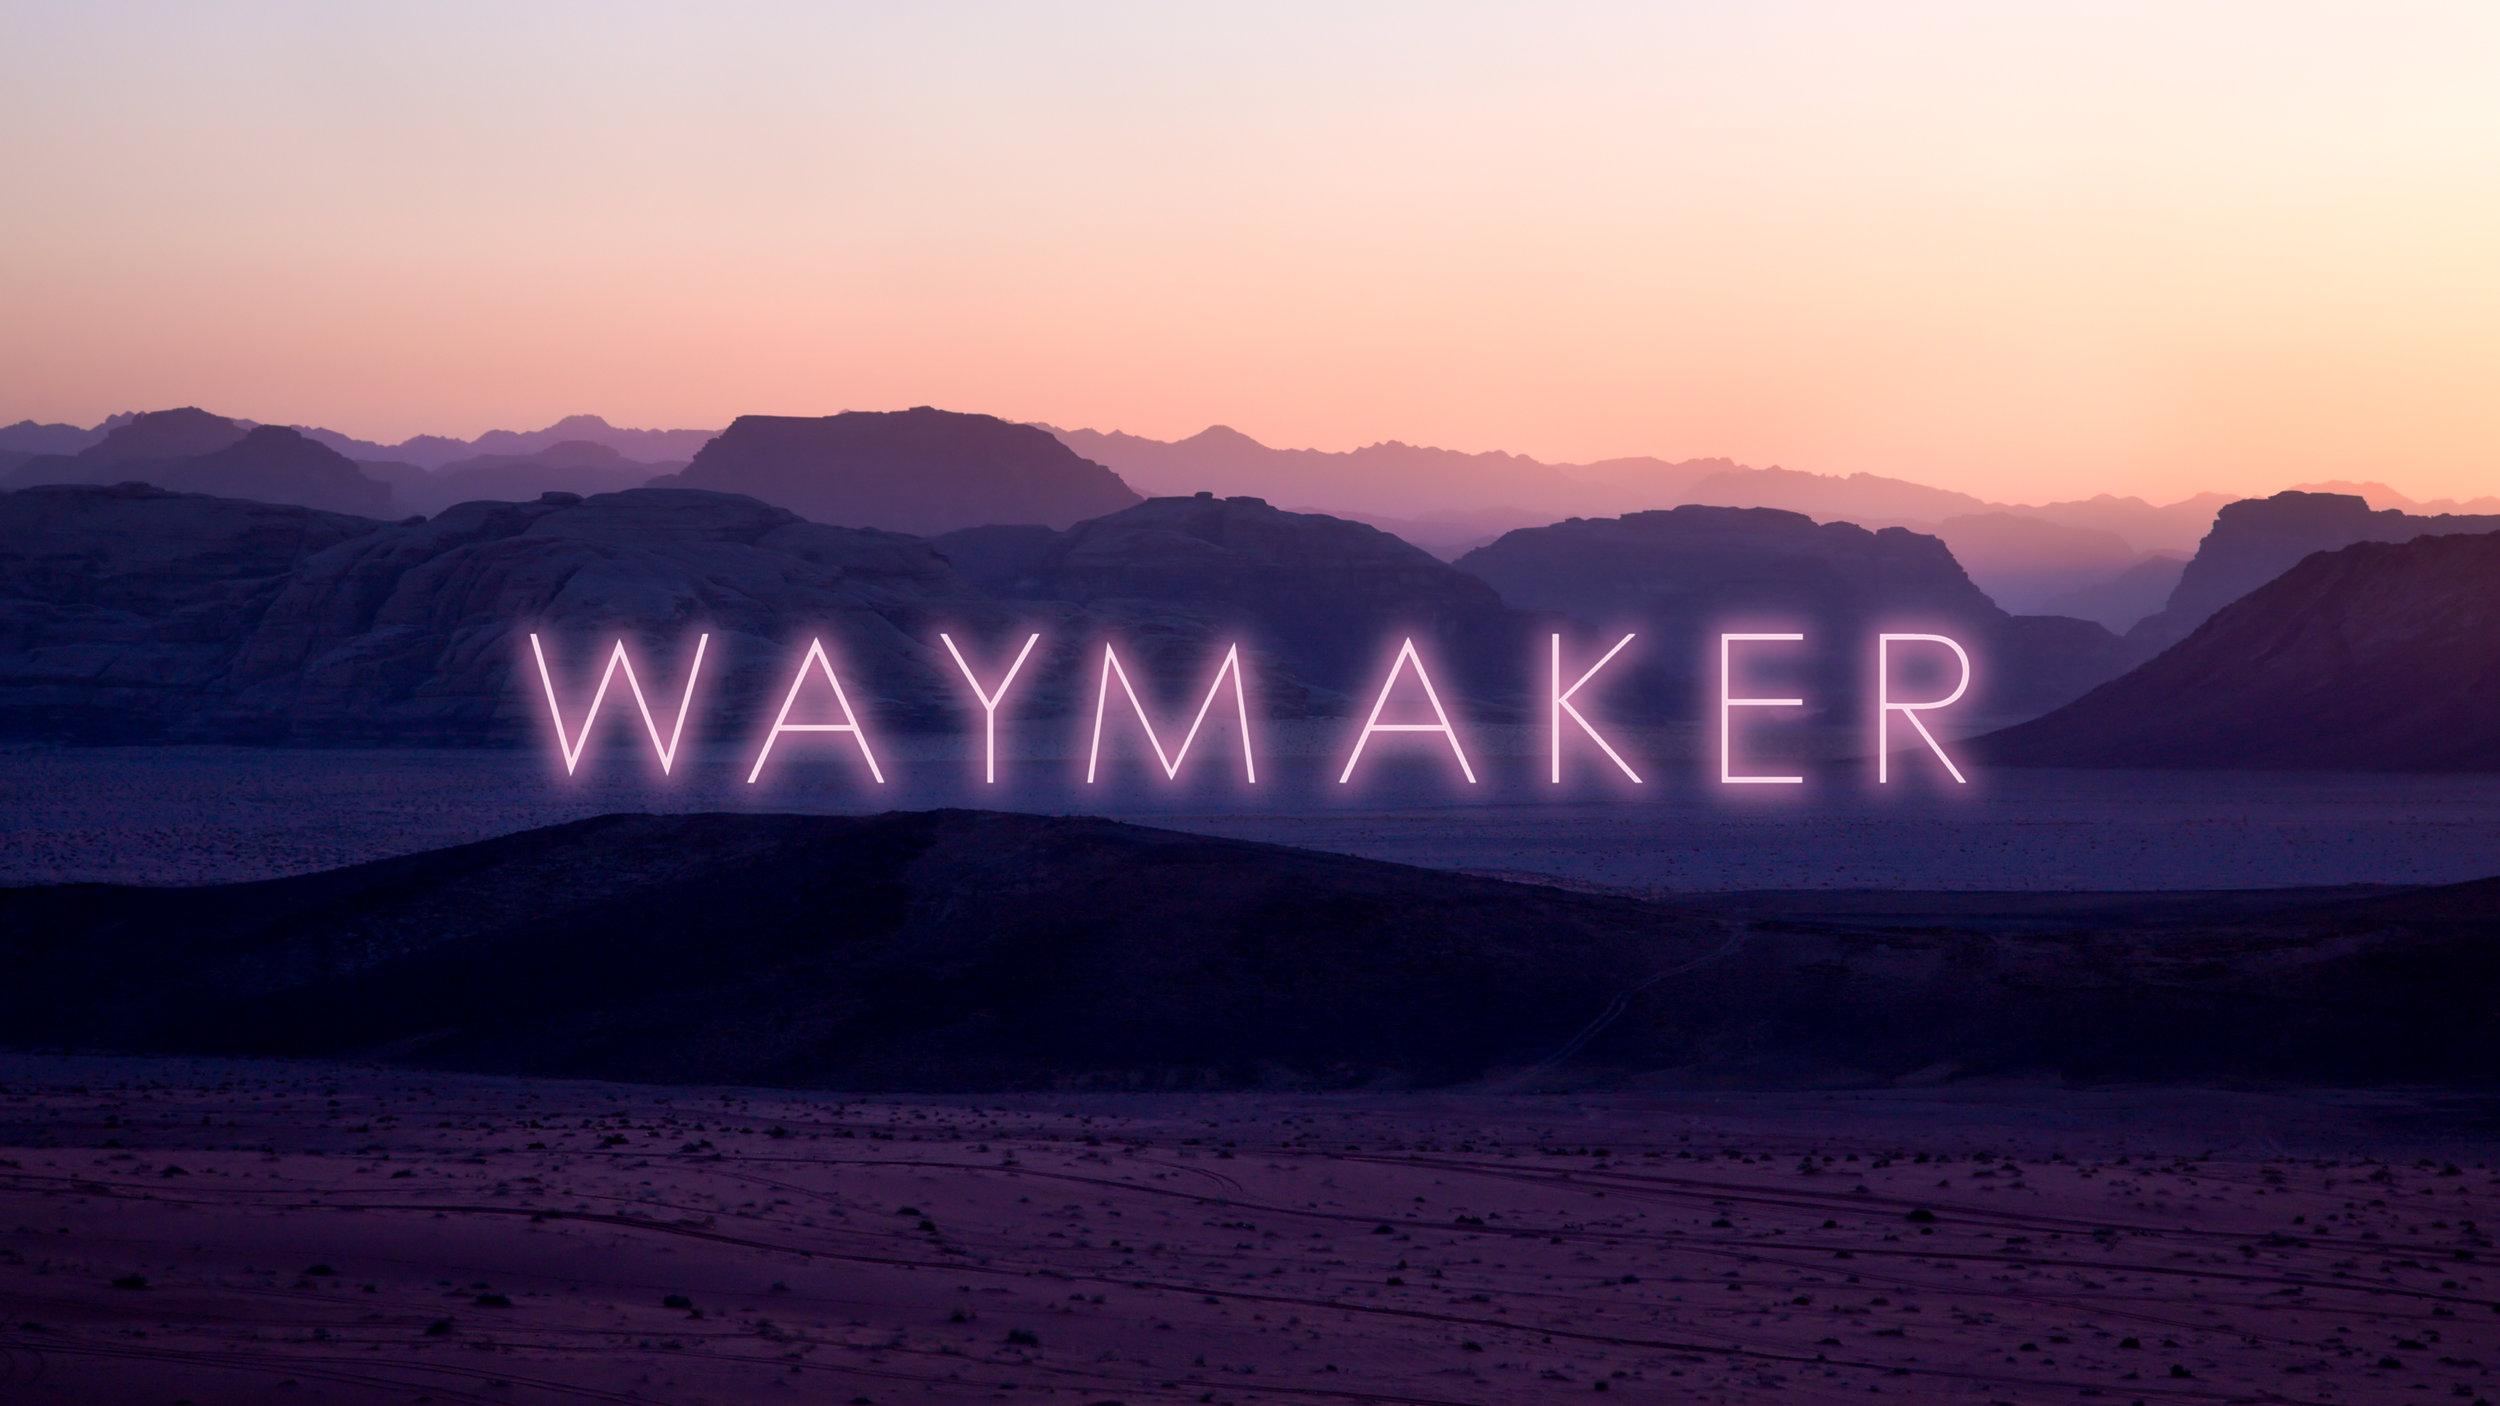 WAYMAKER SLIDE-01.jpg